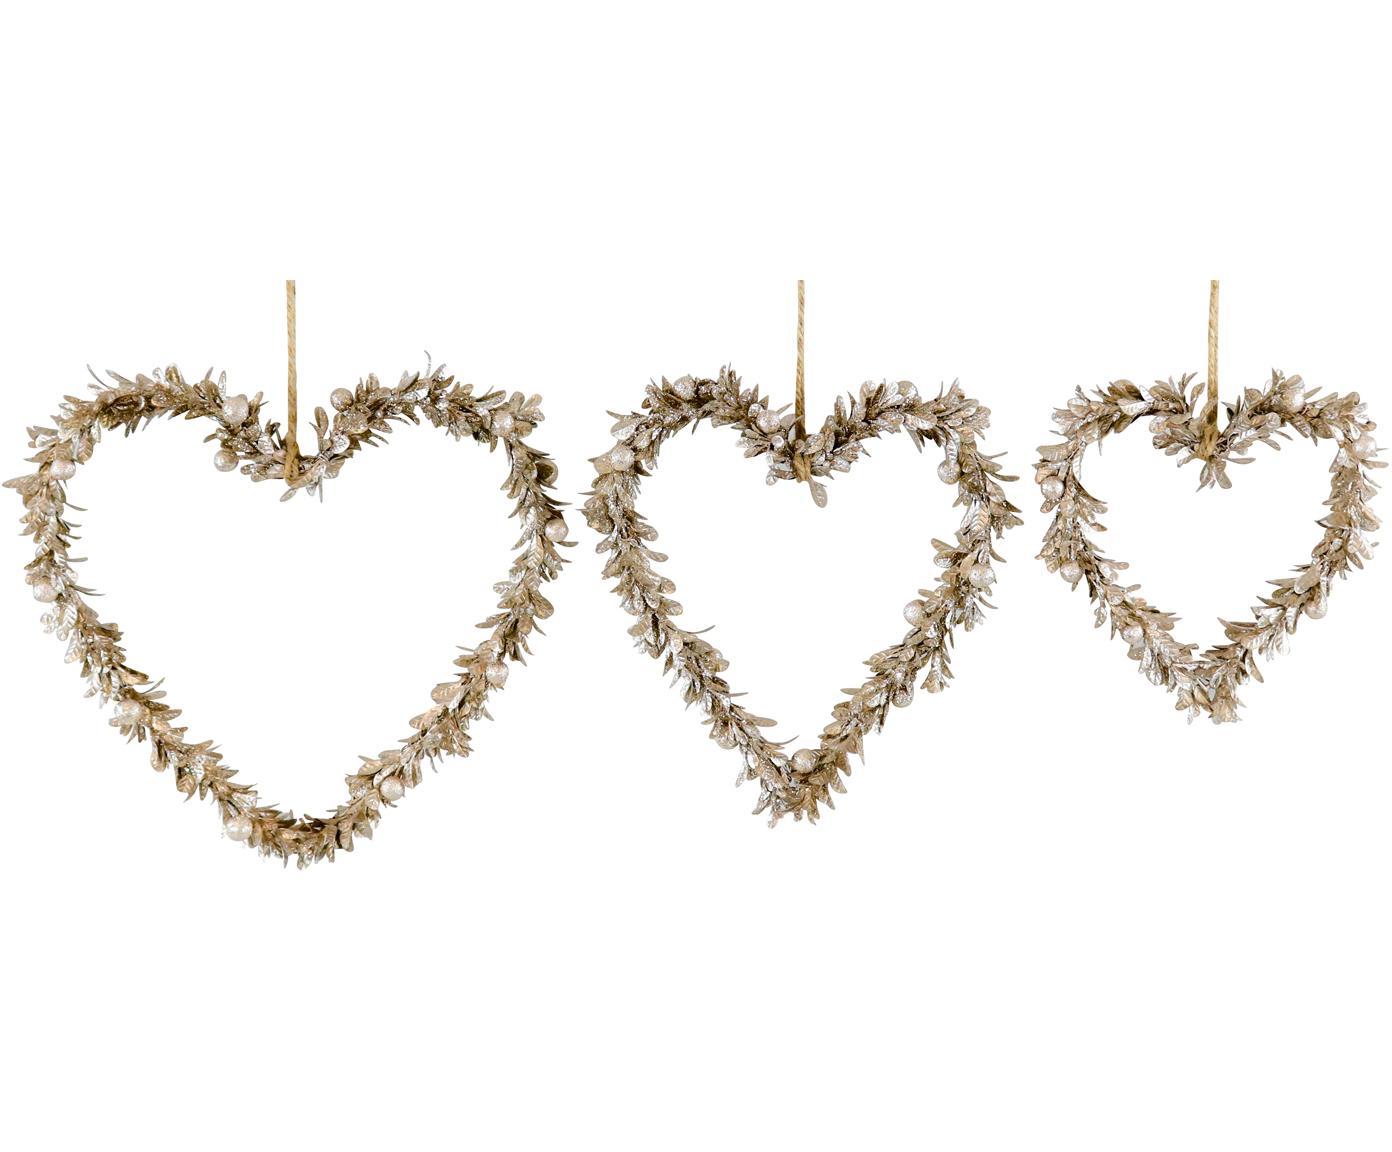 Decoratieve hangersset Lovely, 3-delig, Polystyreen, kunststof, metaal, hout, Goudkleurig, Verschillende formaten